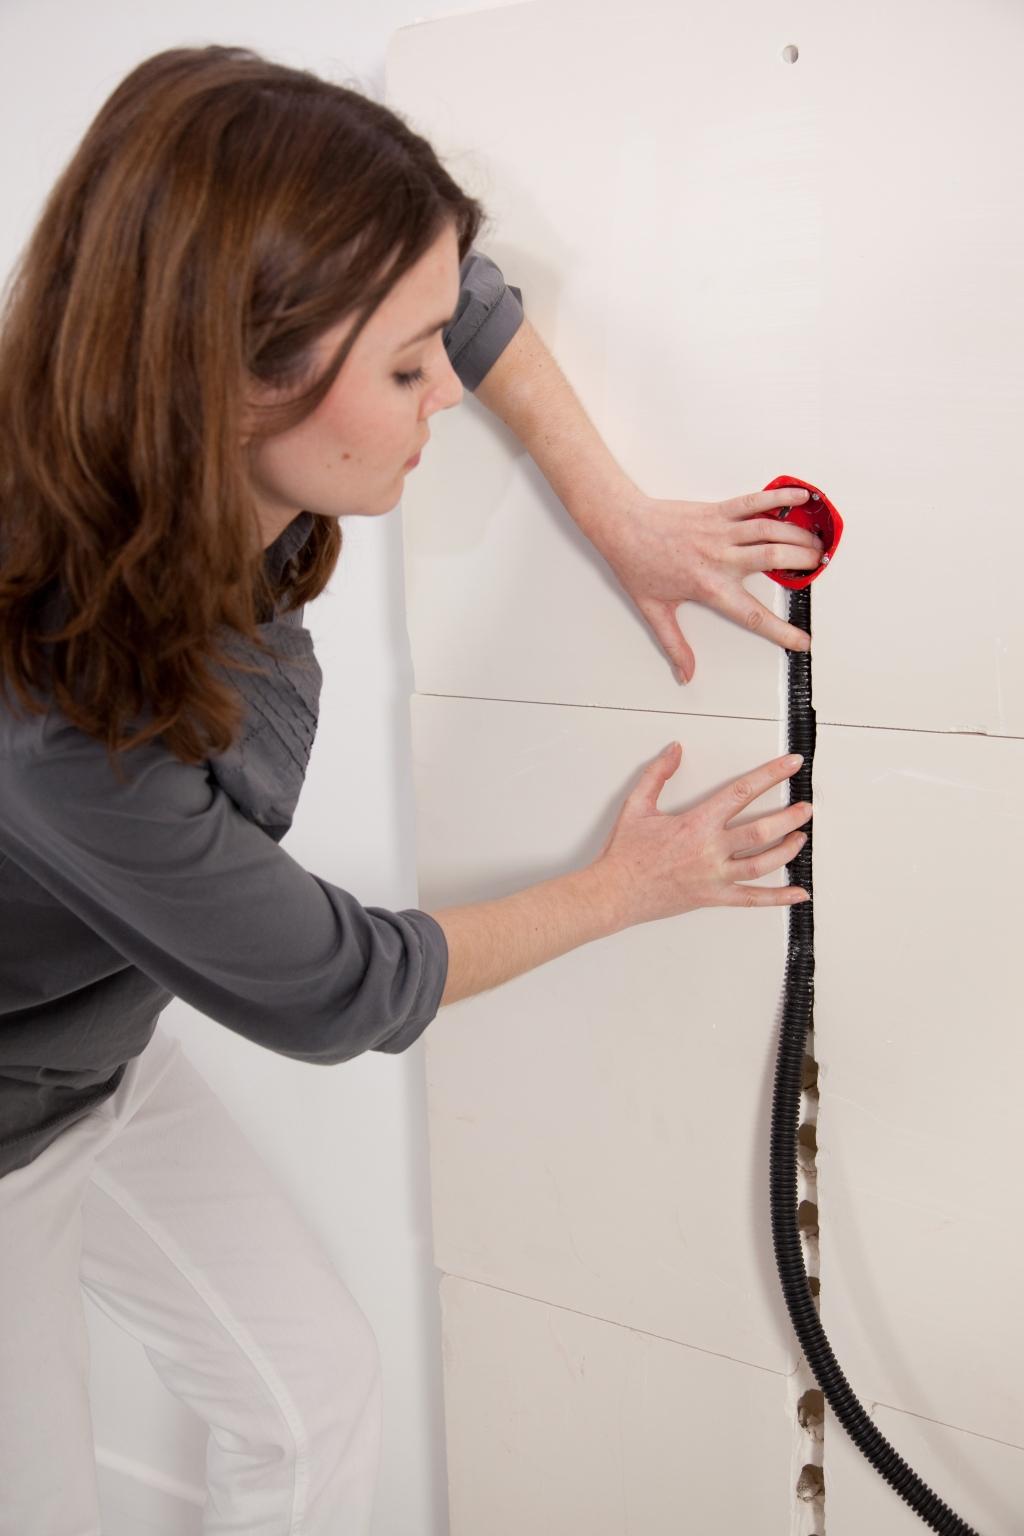 Installer un interrupteur encastré - Étape 11